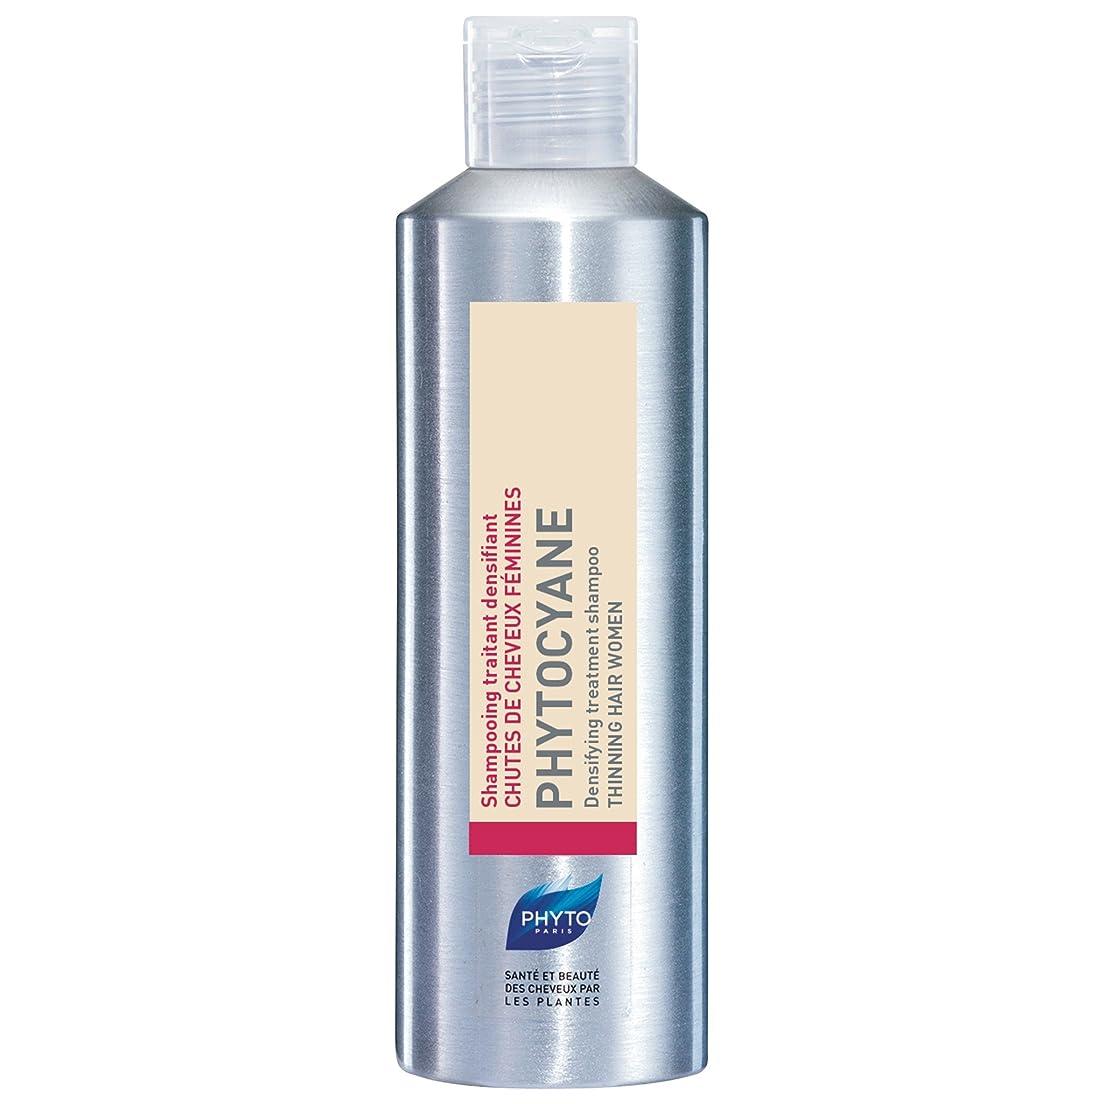 静かに薄める図書館髪の200ミリリットルを薄くするための予防のためのシャンプーを緻密化フィトPhytocyane (Phyto) - Phyto Phytocyane Densifying Treatment Shampoo for Thinning Hair 200ml [並行輸入品]